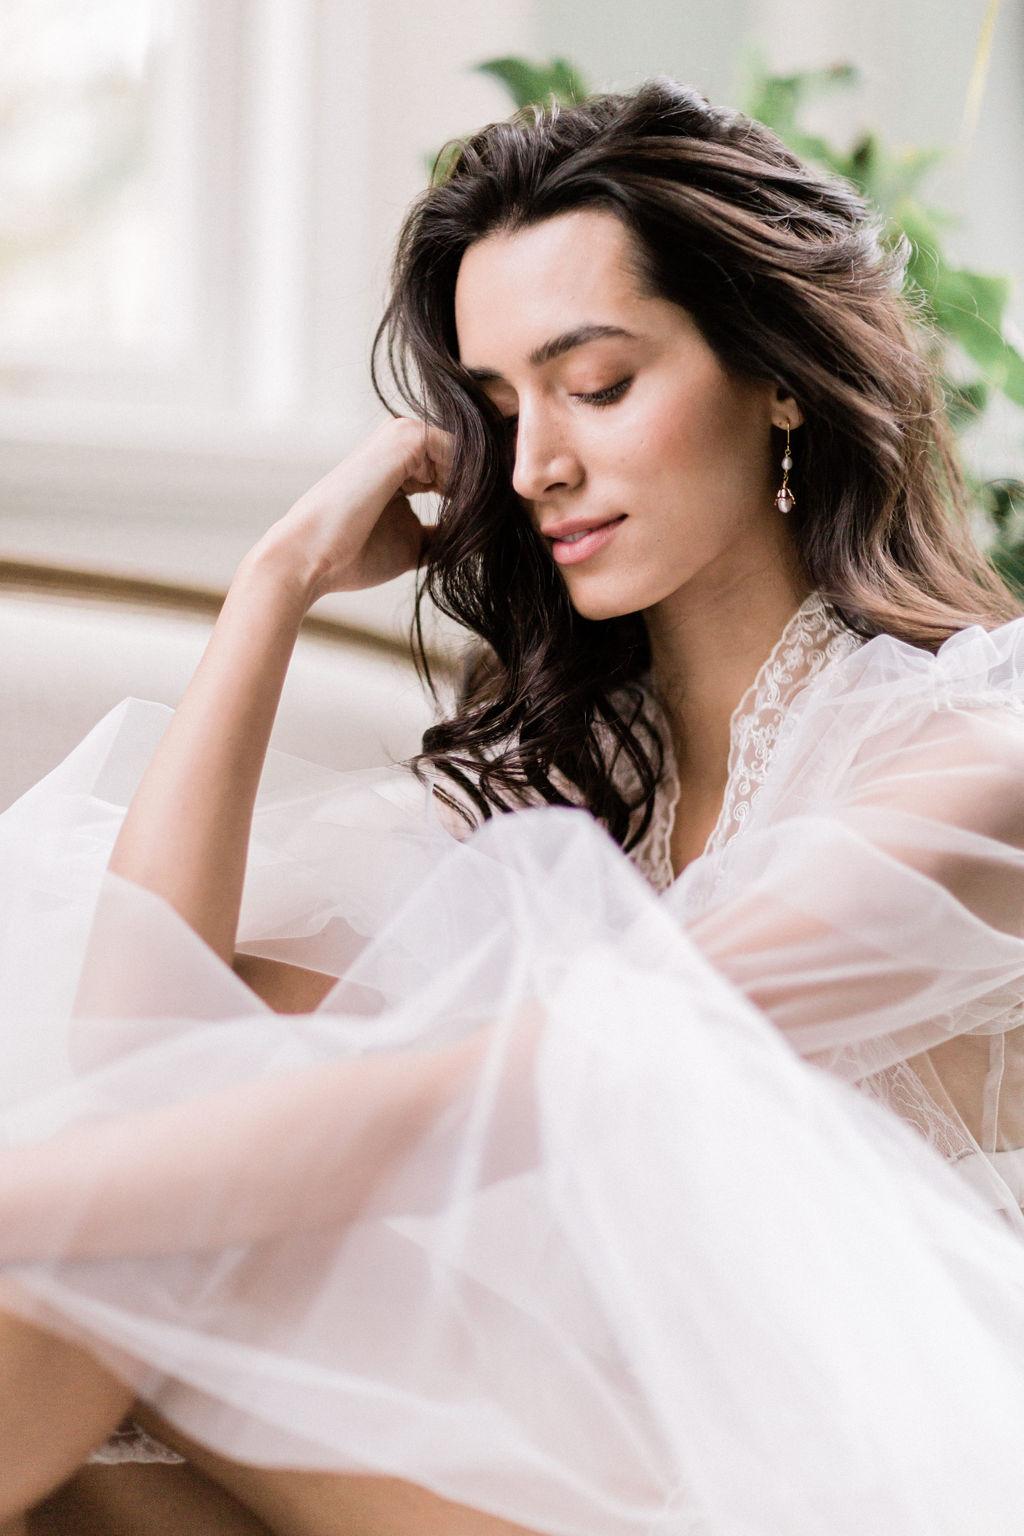 Bridal-hair-and-makeup-close-up